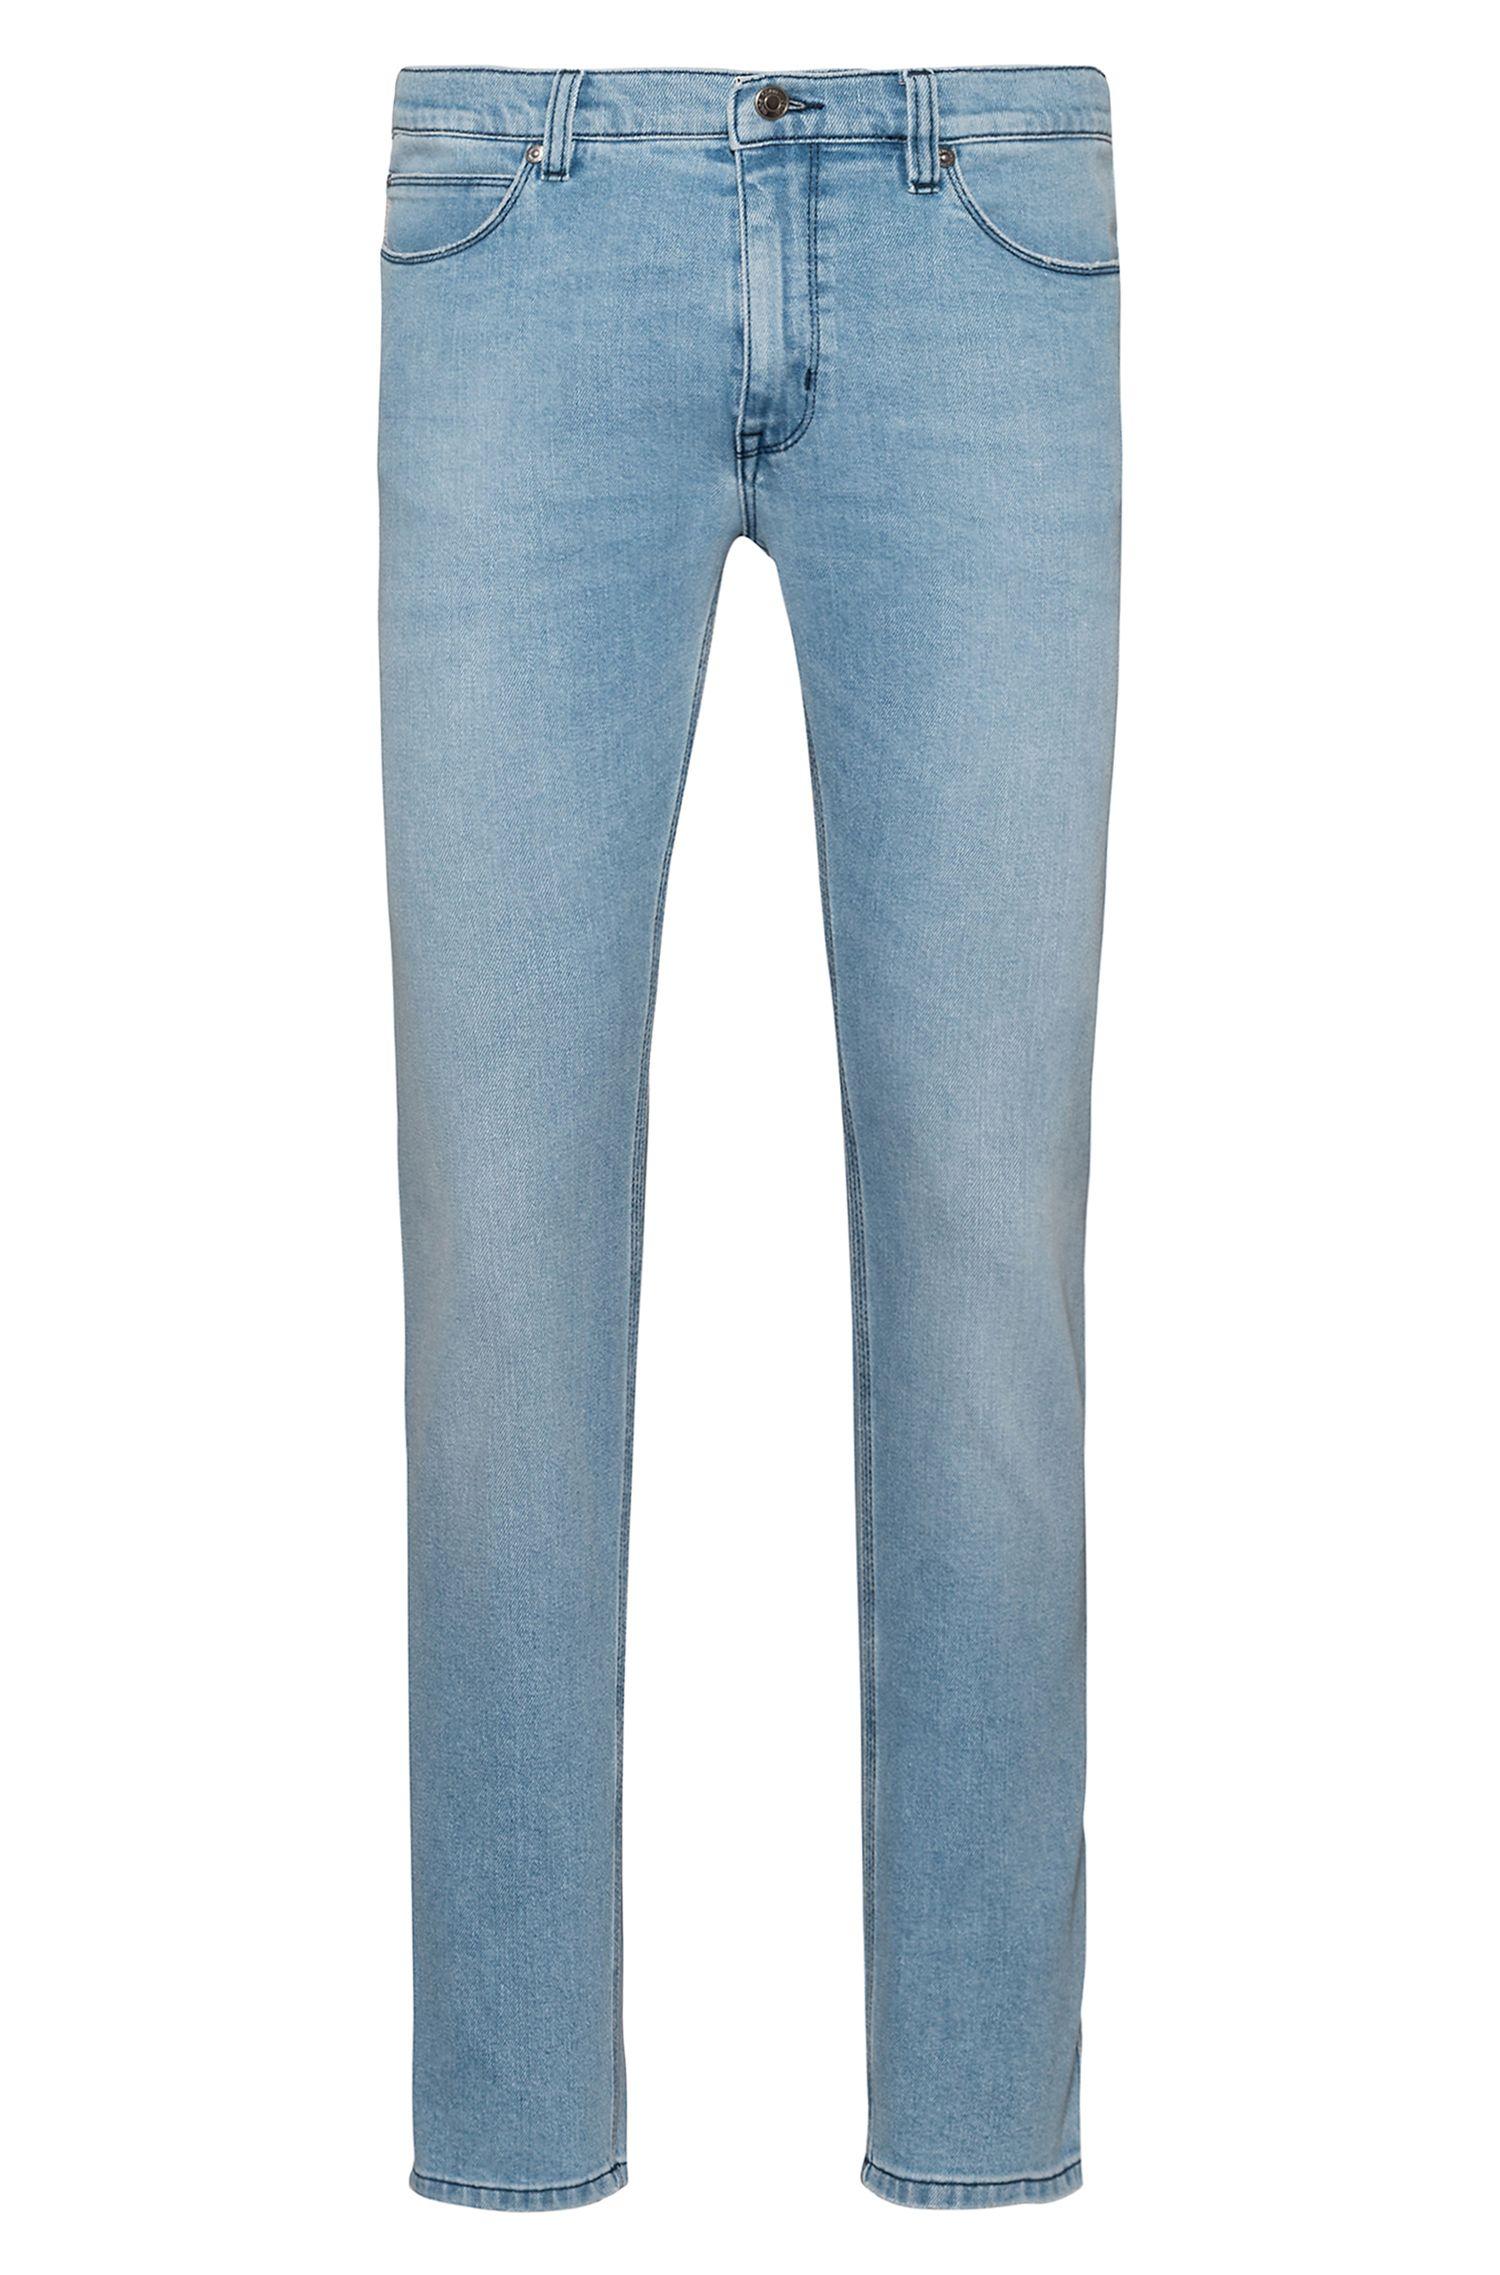 Skinny-Fit Jeans aus Stretch-Denim in Used-Optik, Hellblau